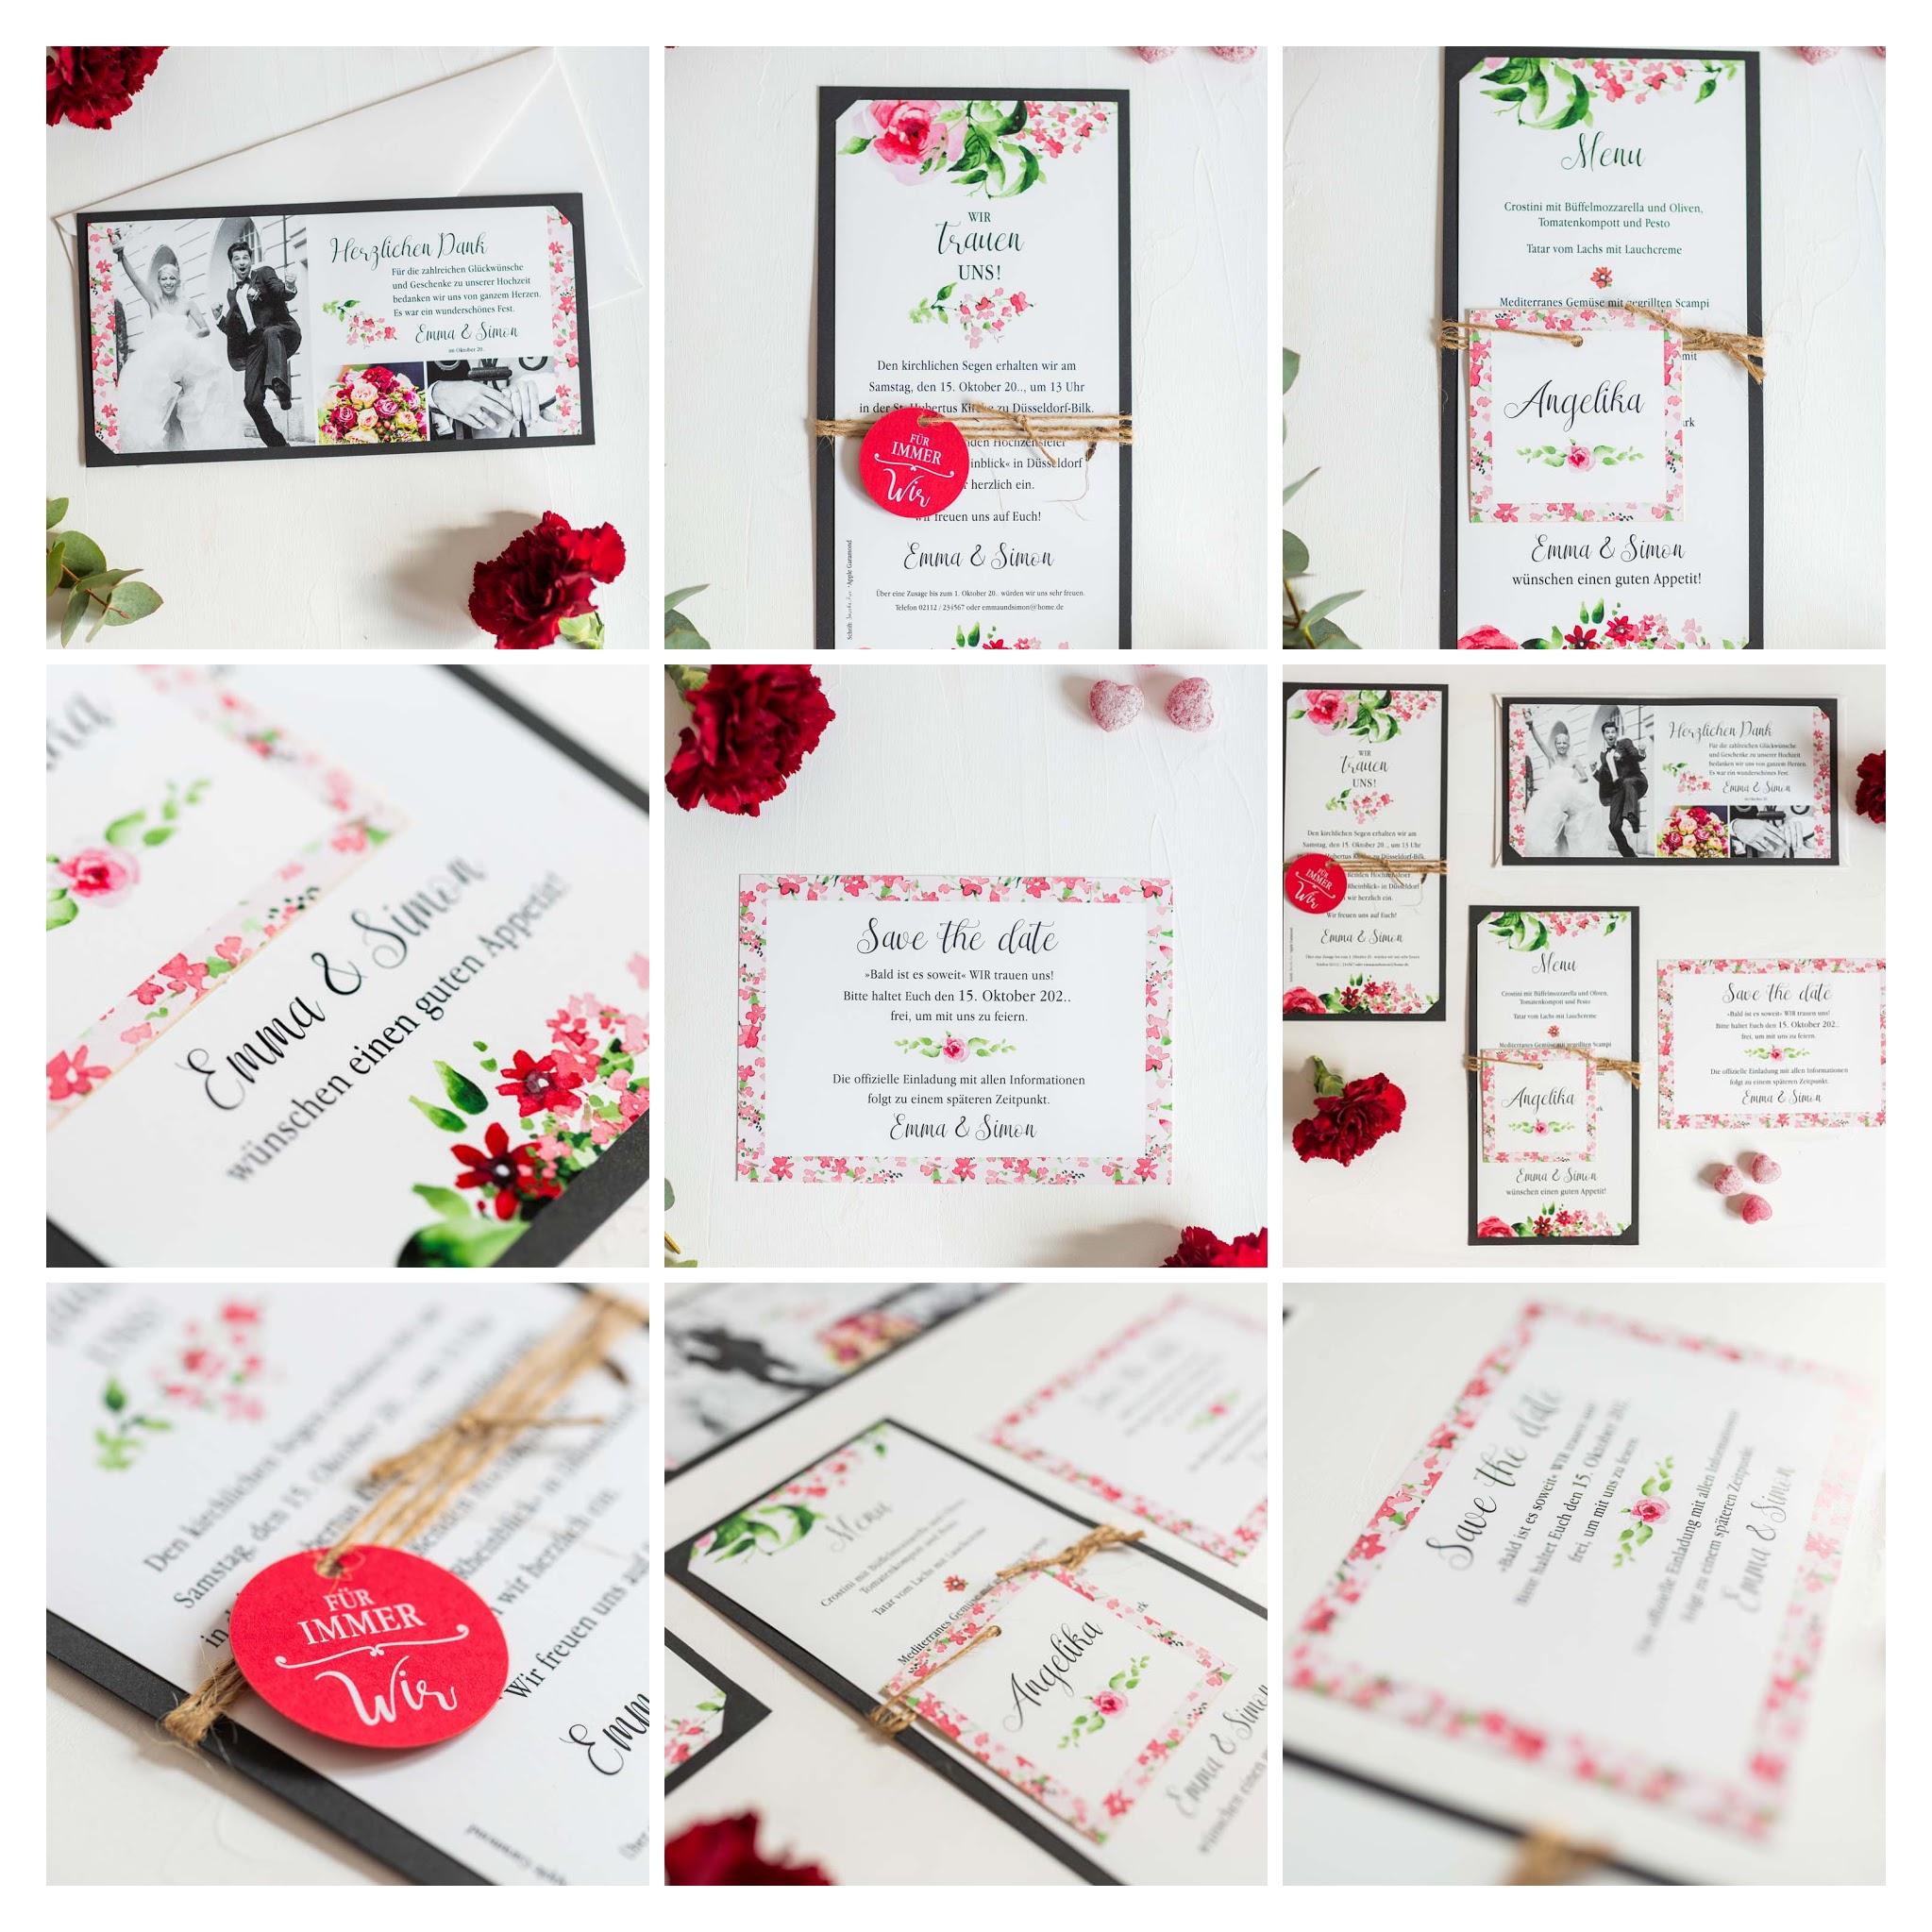 Fotocollage - Romantisches Einladungskarten-Set mit Blumenaquarell in zartem rosa, rot und grün